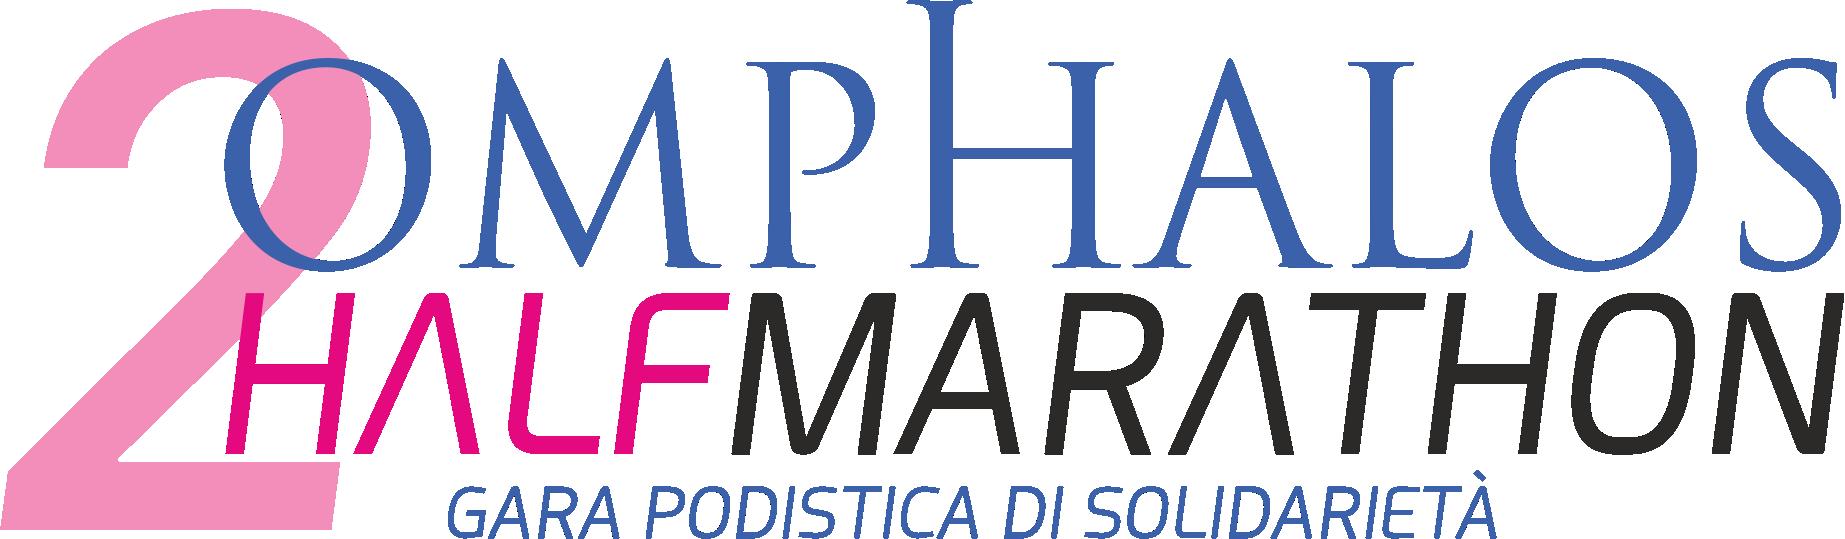 2omphaloshalfmarathon